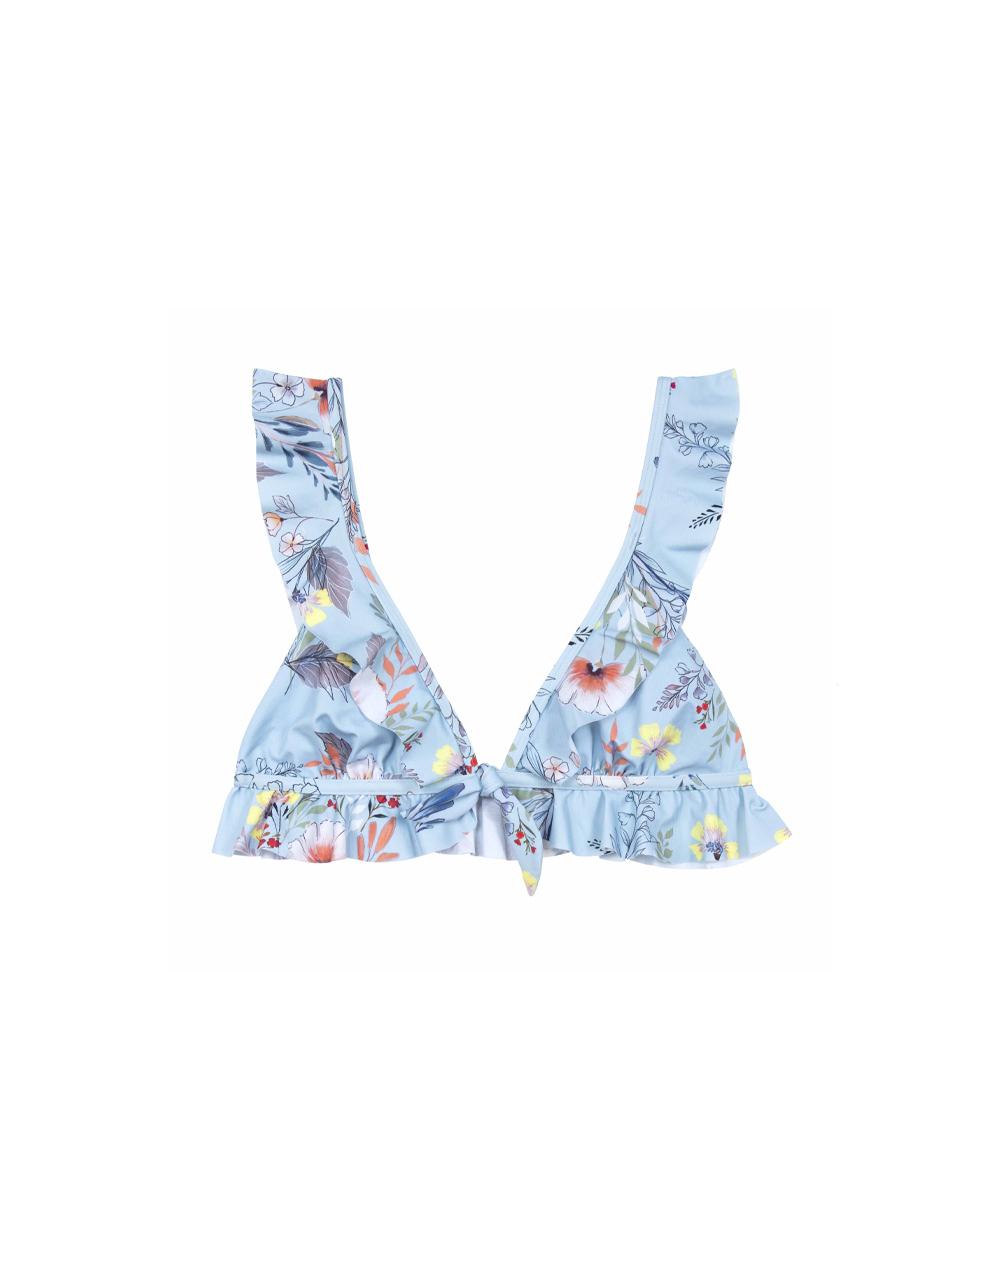 swimsuit bikini top Lottie Blue 35 € Girls In Paris photo 4